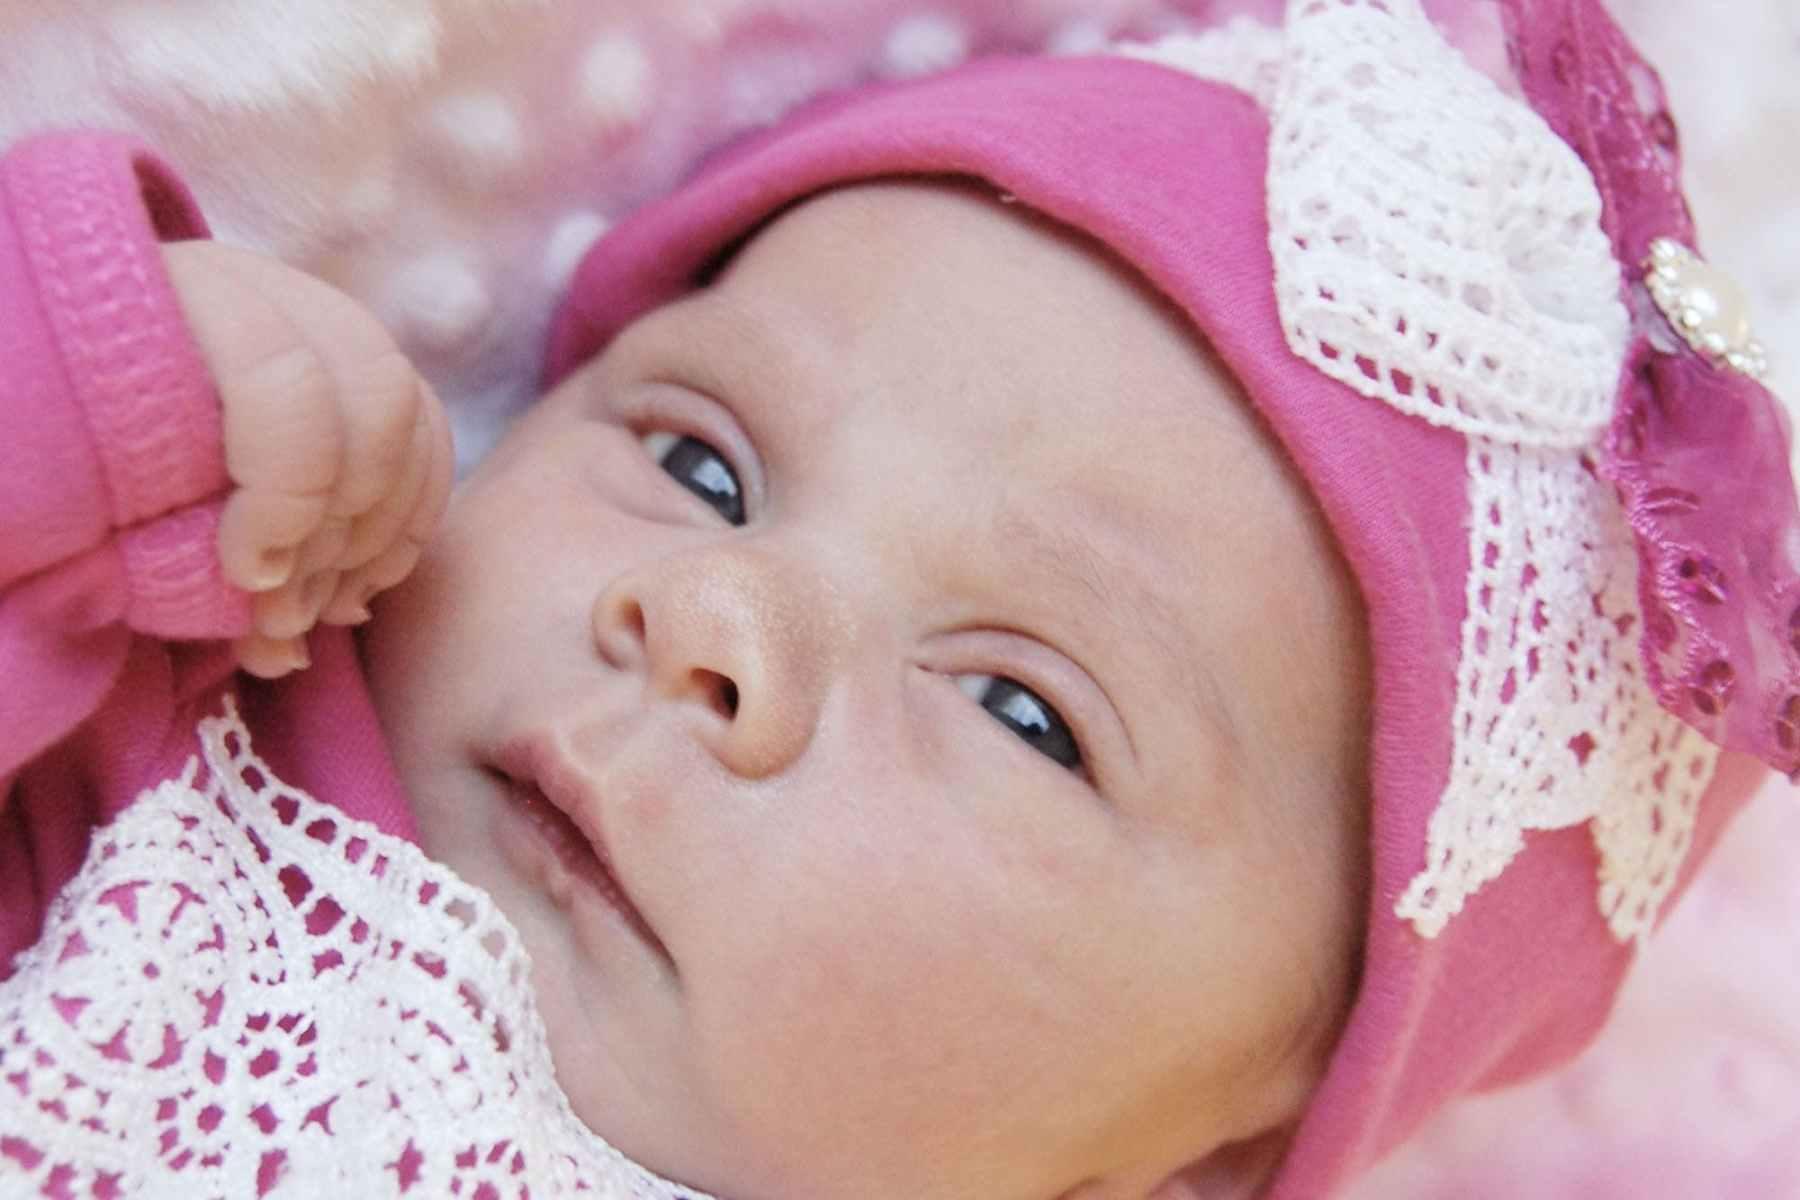 prenatal diagnosis